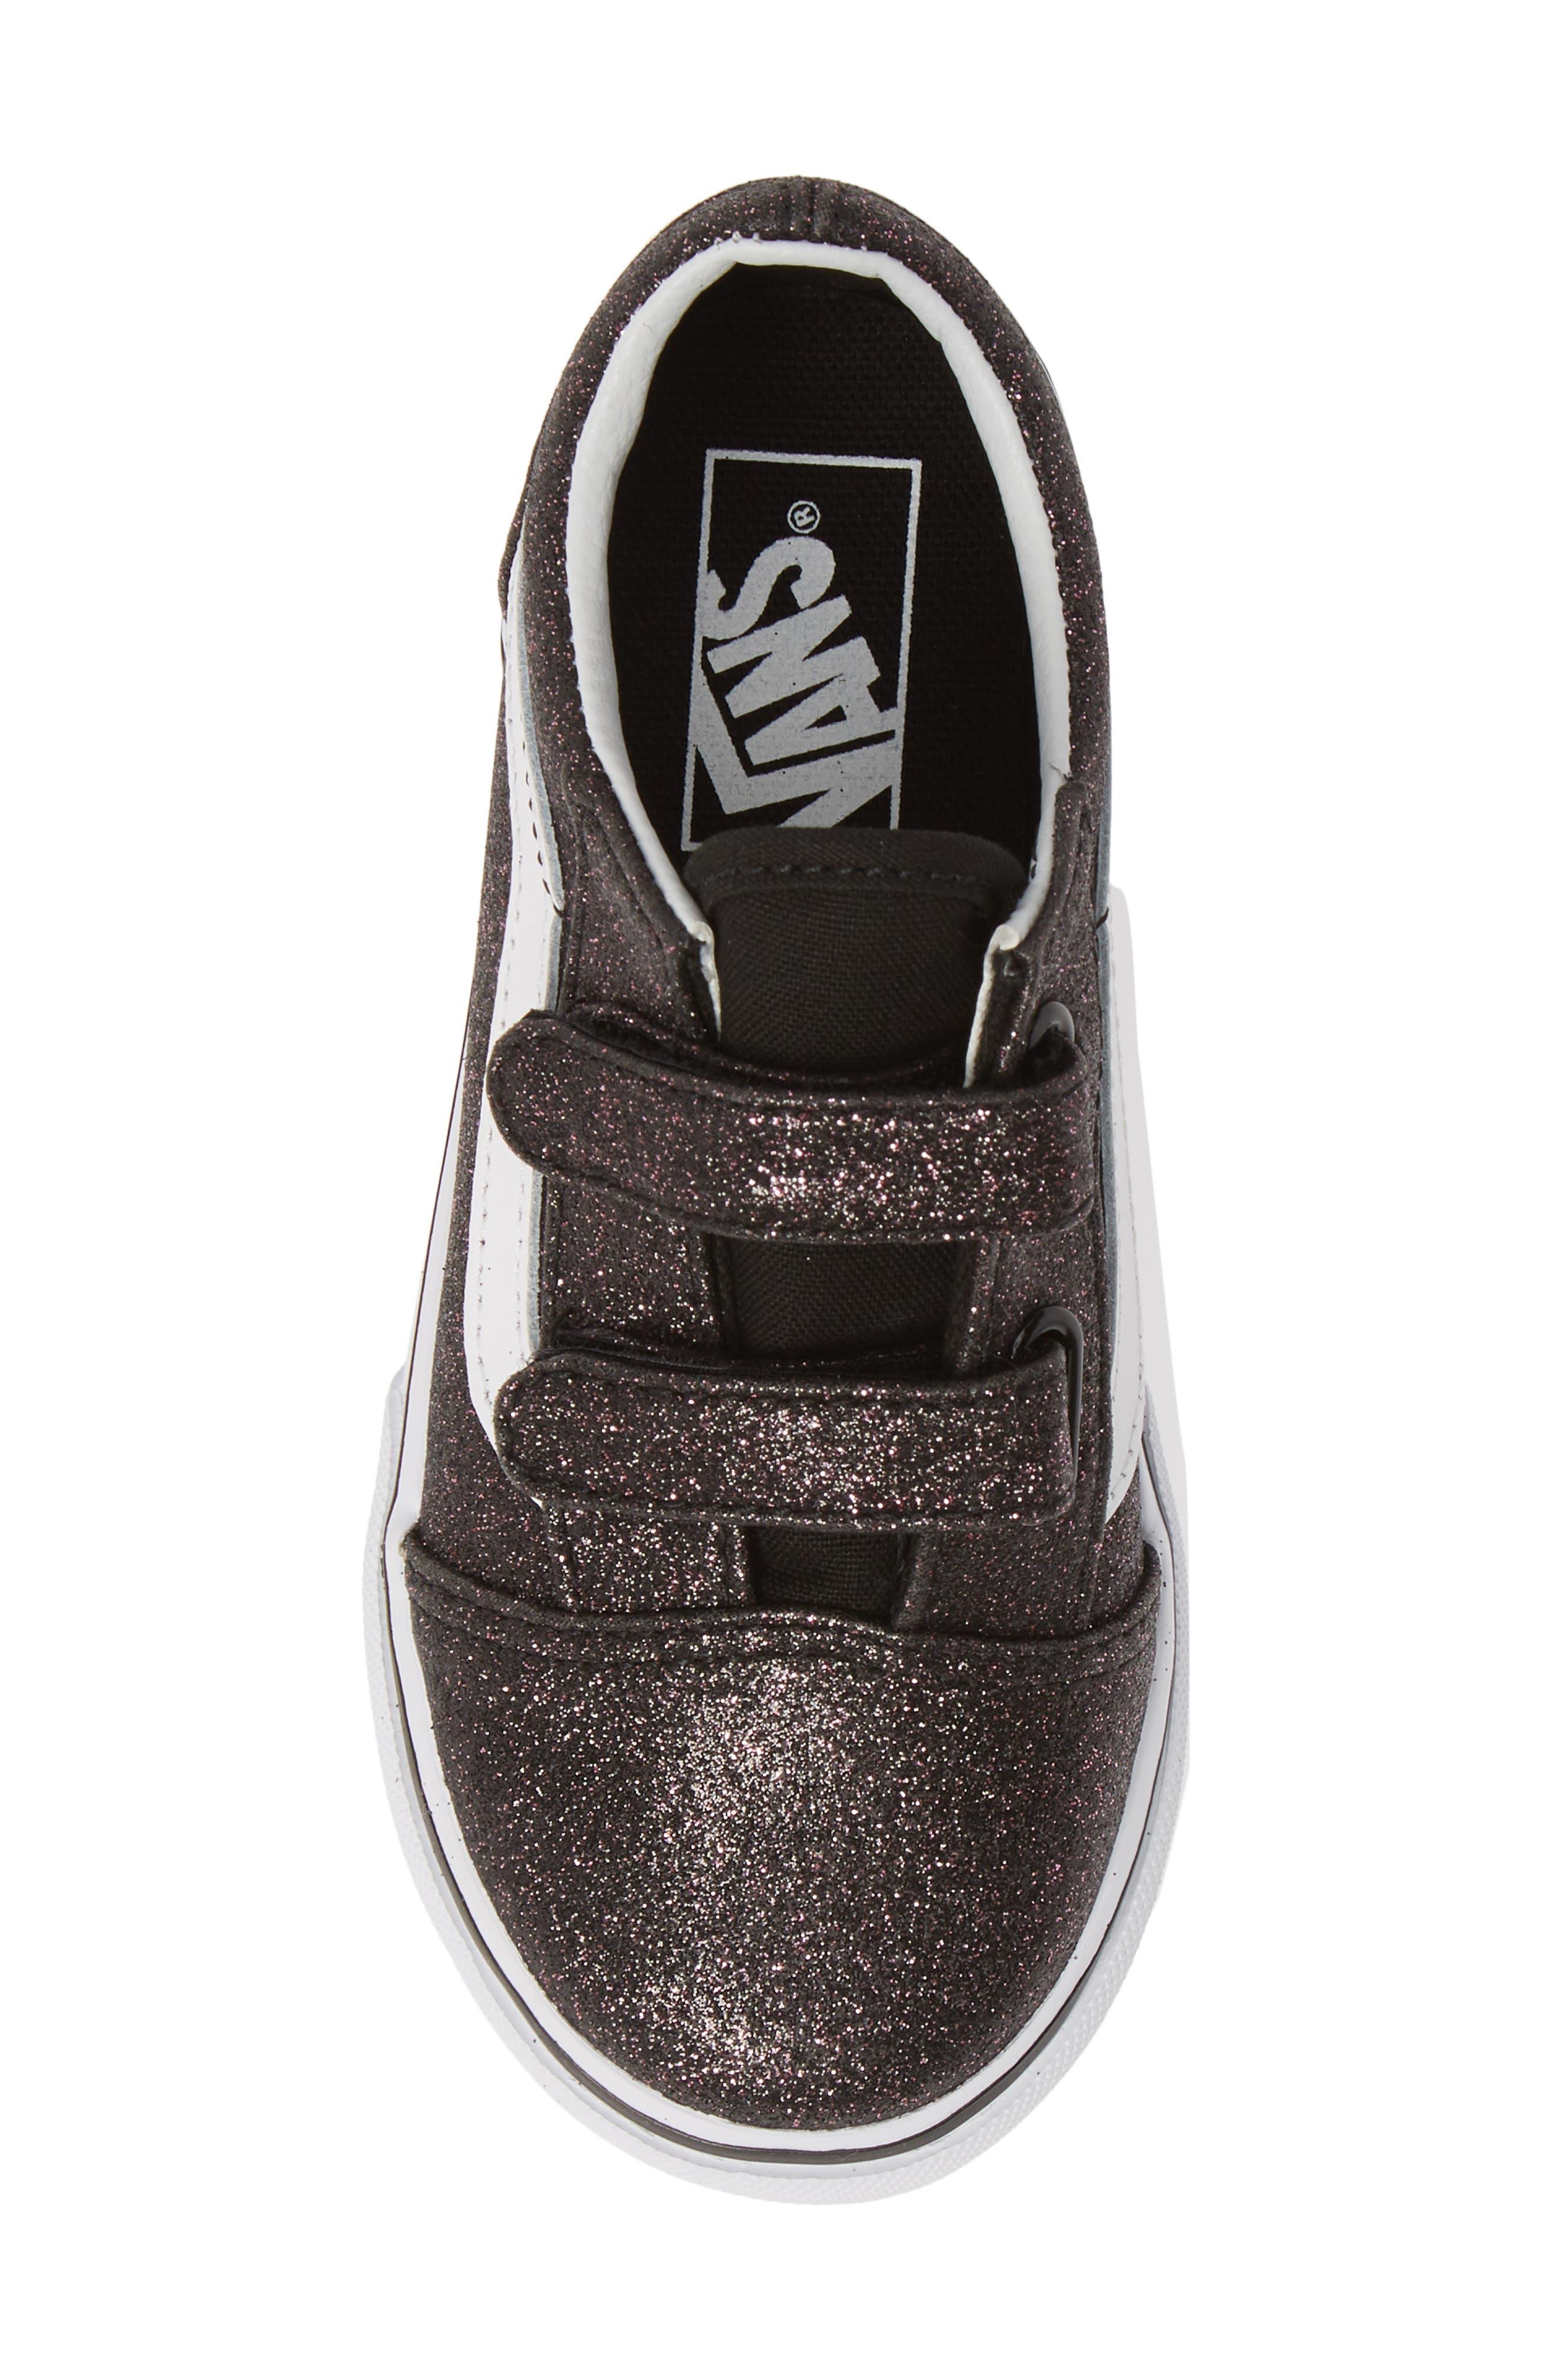 VANS, Old Skool V Glitter Sneaker, Alternate thumbnail 5, color, GLITTER STARS BLACK/ WHITE